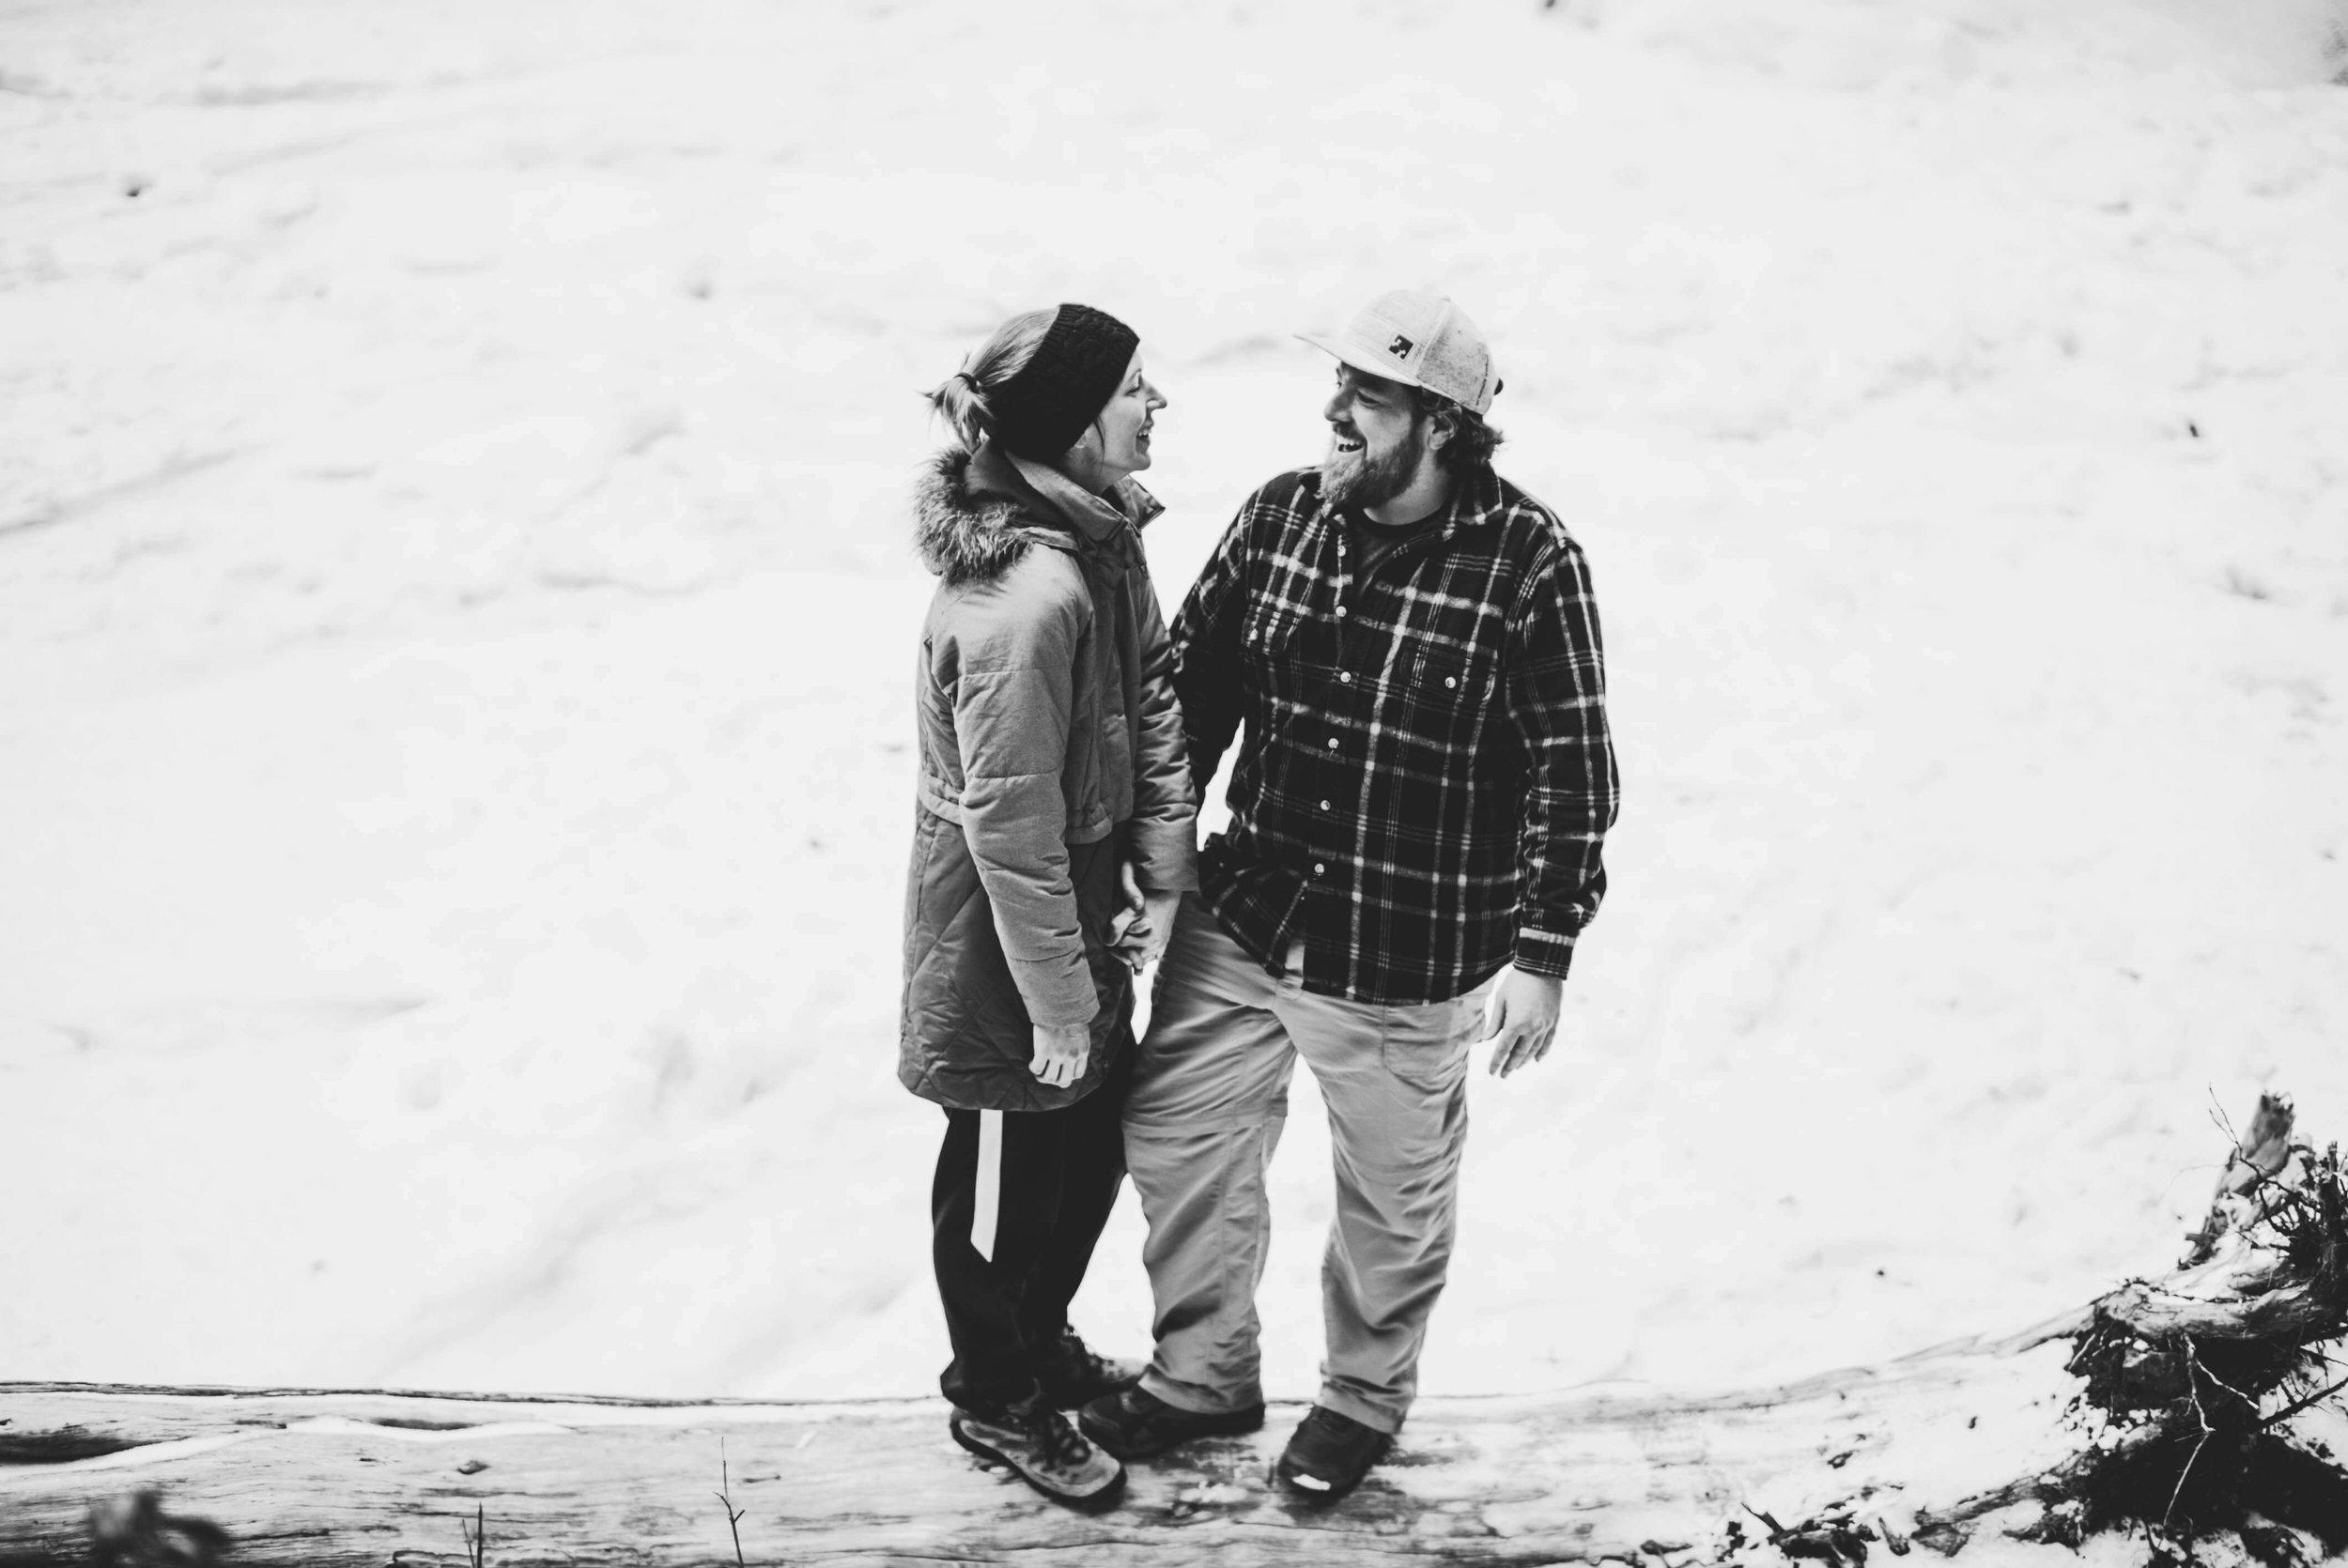 Engle-Olson-Photography-Emily-Skylar-Proposal-Engagement-18.jpg